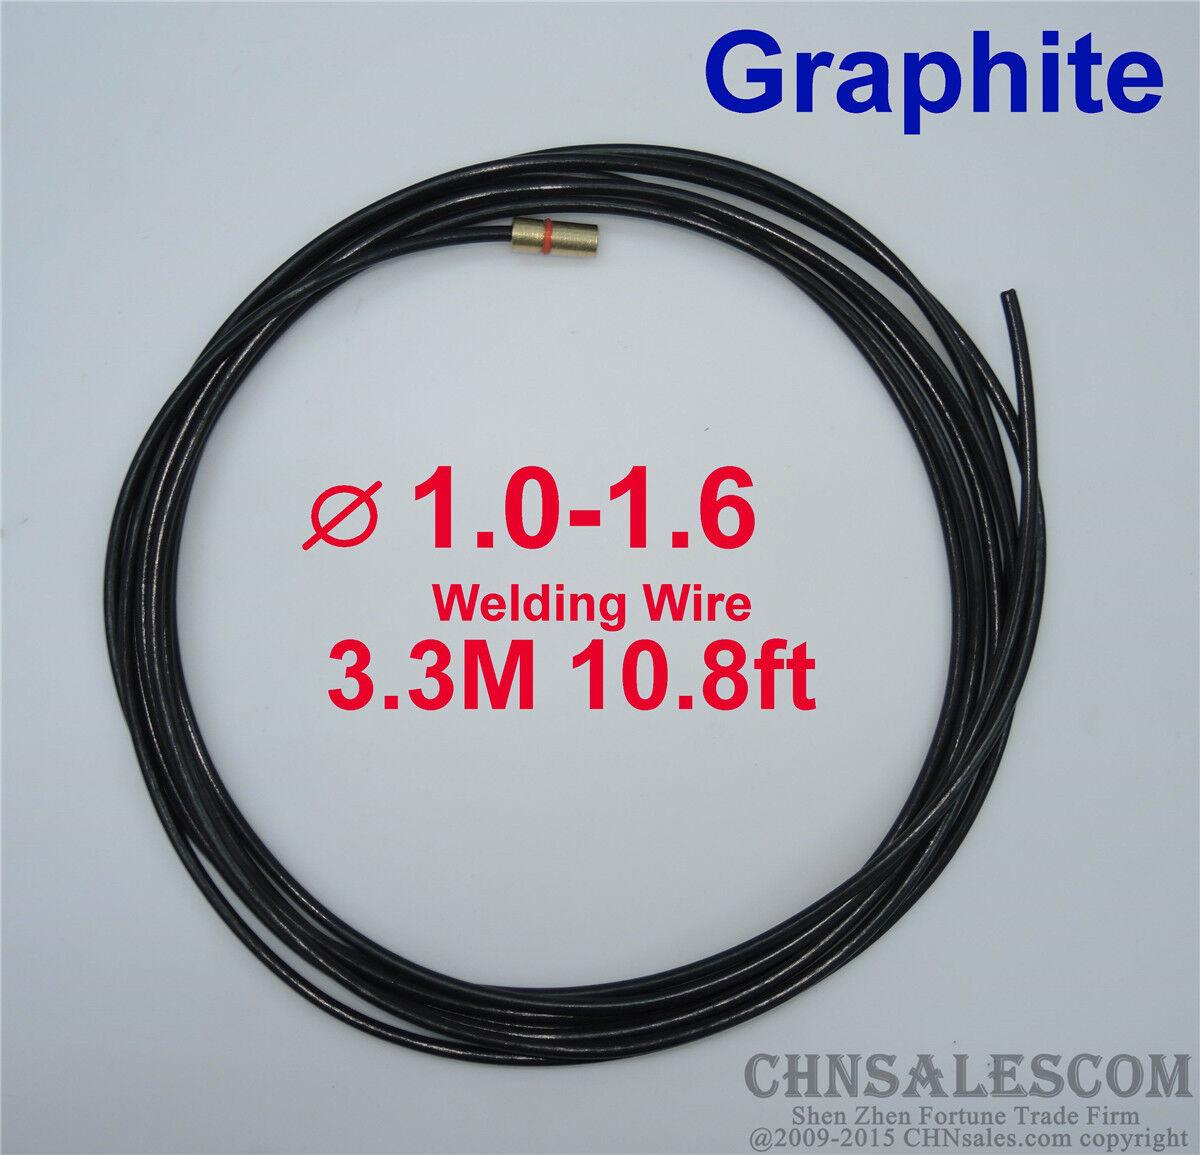 Panasonic MIG Welding Graphite Liner 1.0-1.6 Welding Wire 3.3M 10.8 ...